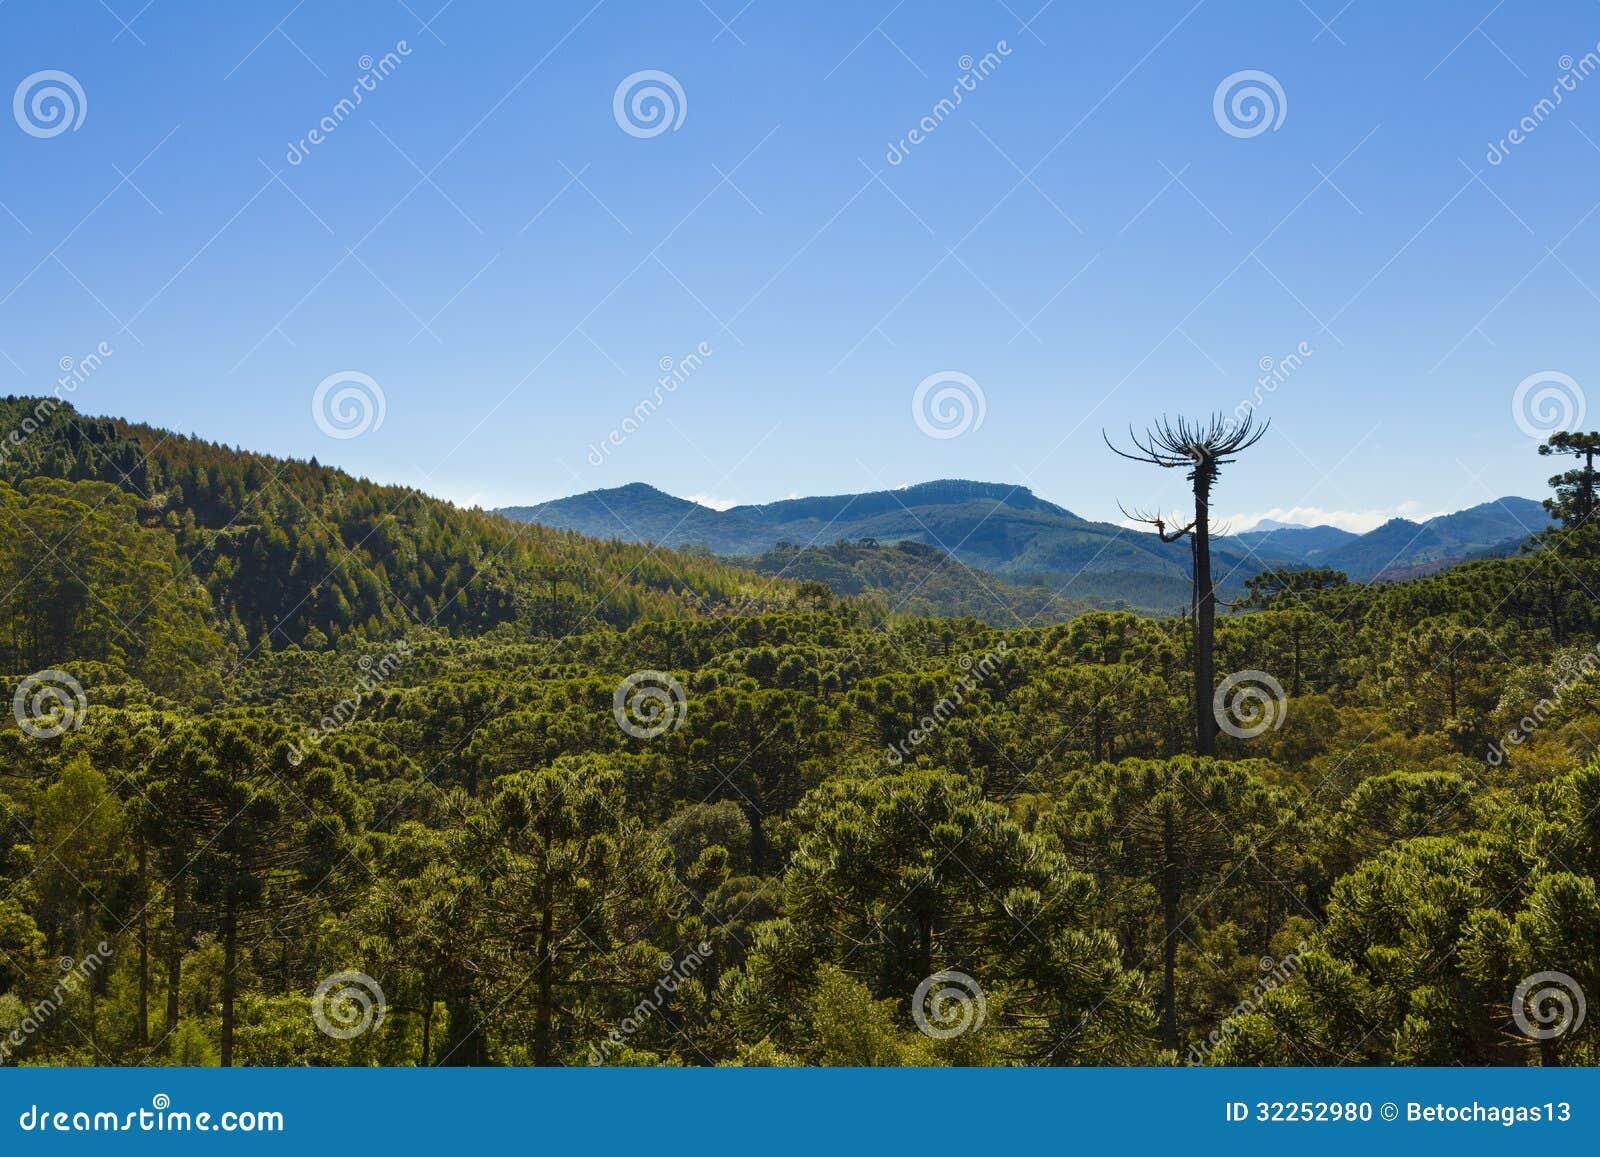 Лес дерева араукарии